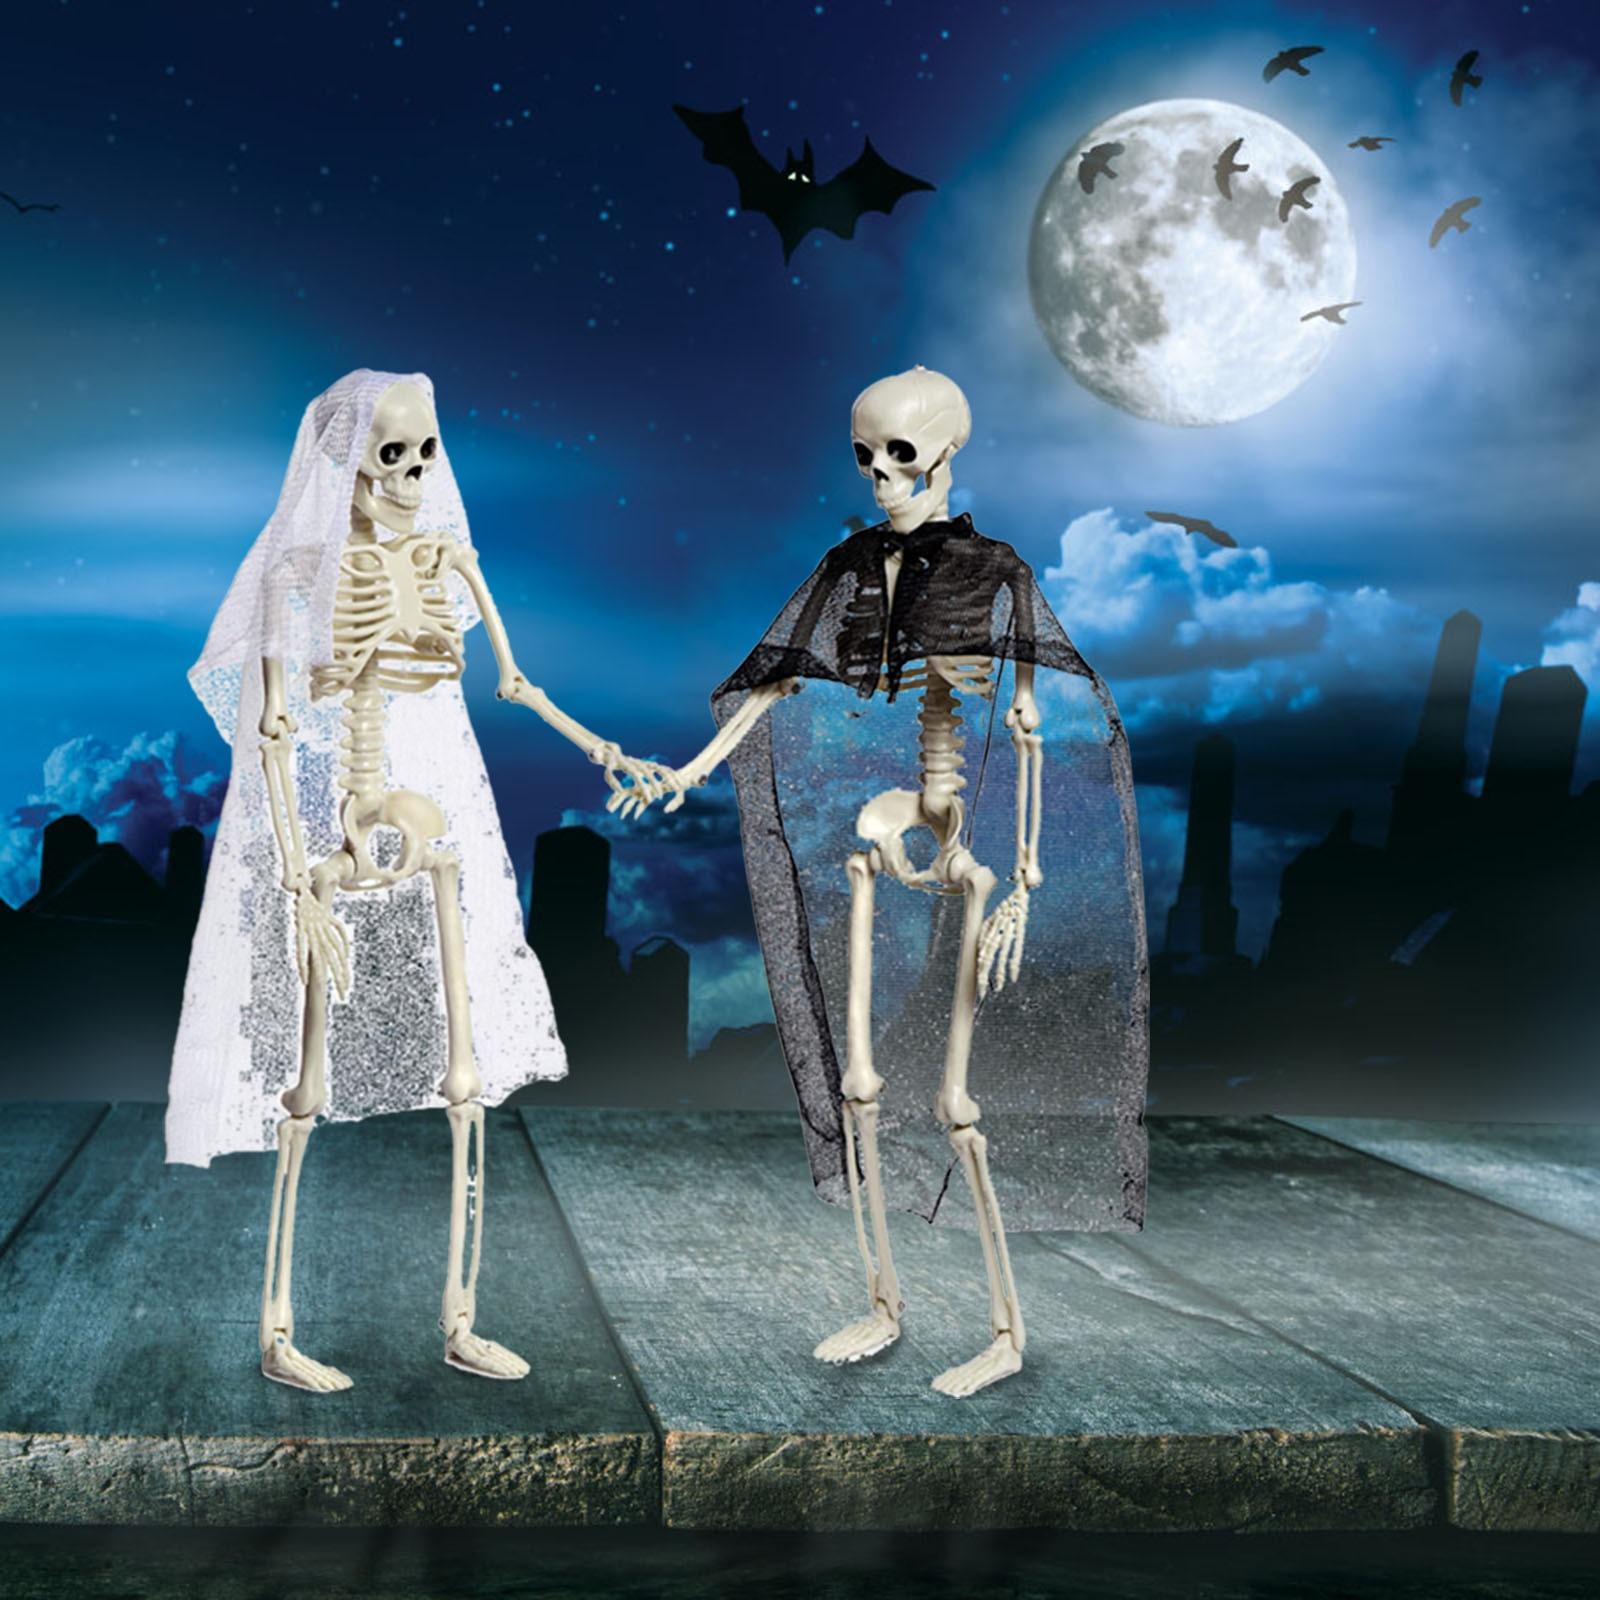 Ужас Хэллоуин Скелет Пары жениха невесты человеческое тело анатомическая модель вечерние ринка бар дома смешные гаджеты декор комнаты орн...